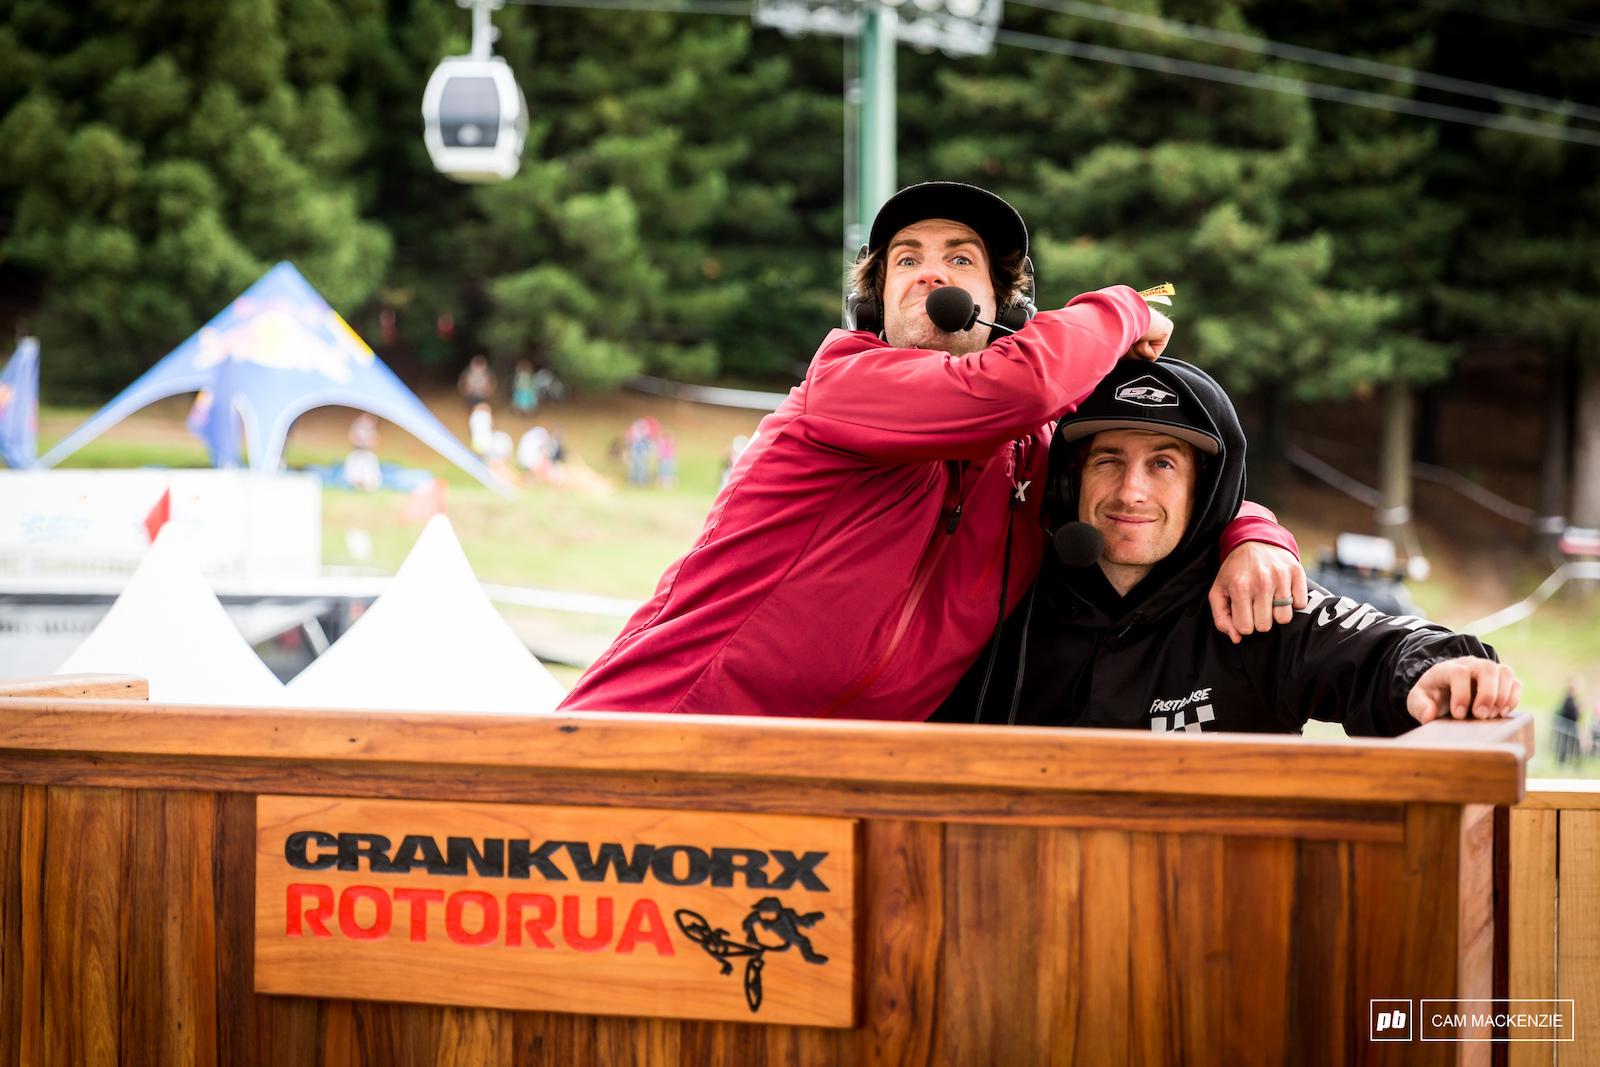 Crankworx Rotorua Slopestyle 2018 - Day 1